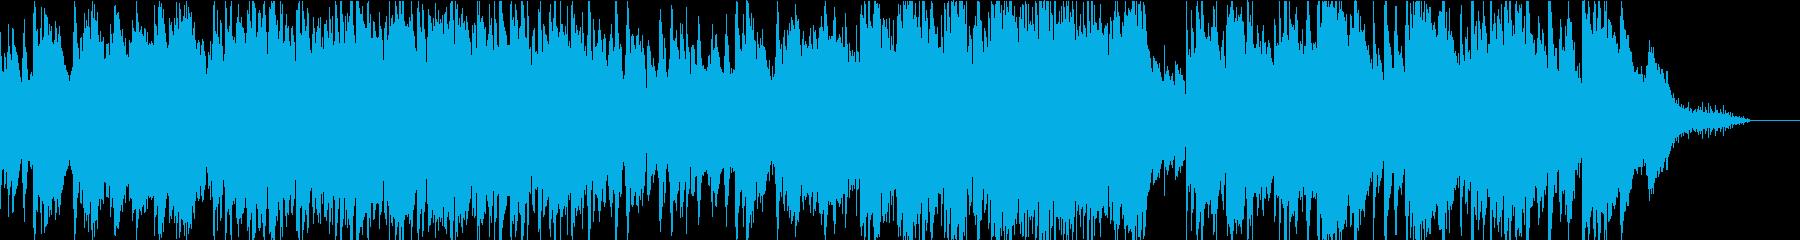 アラベスク1番 ピアノ vinylMIXの再生済みの波形